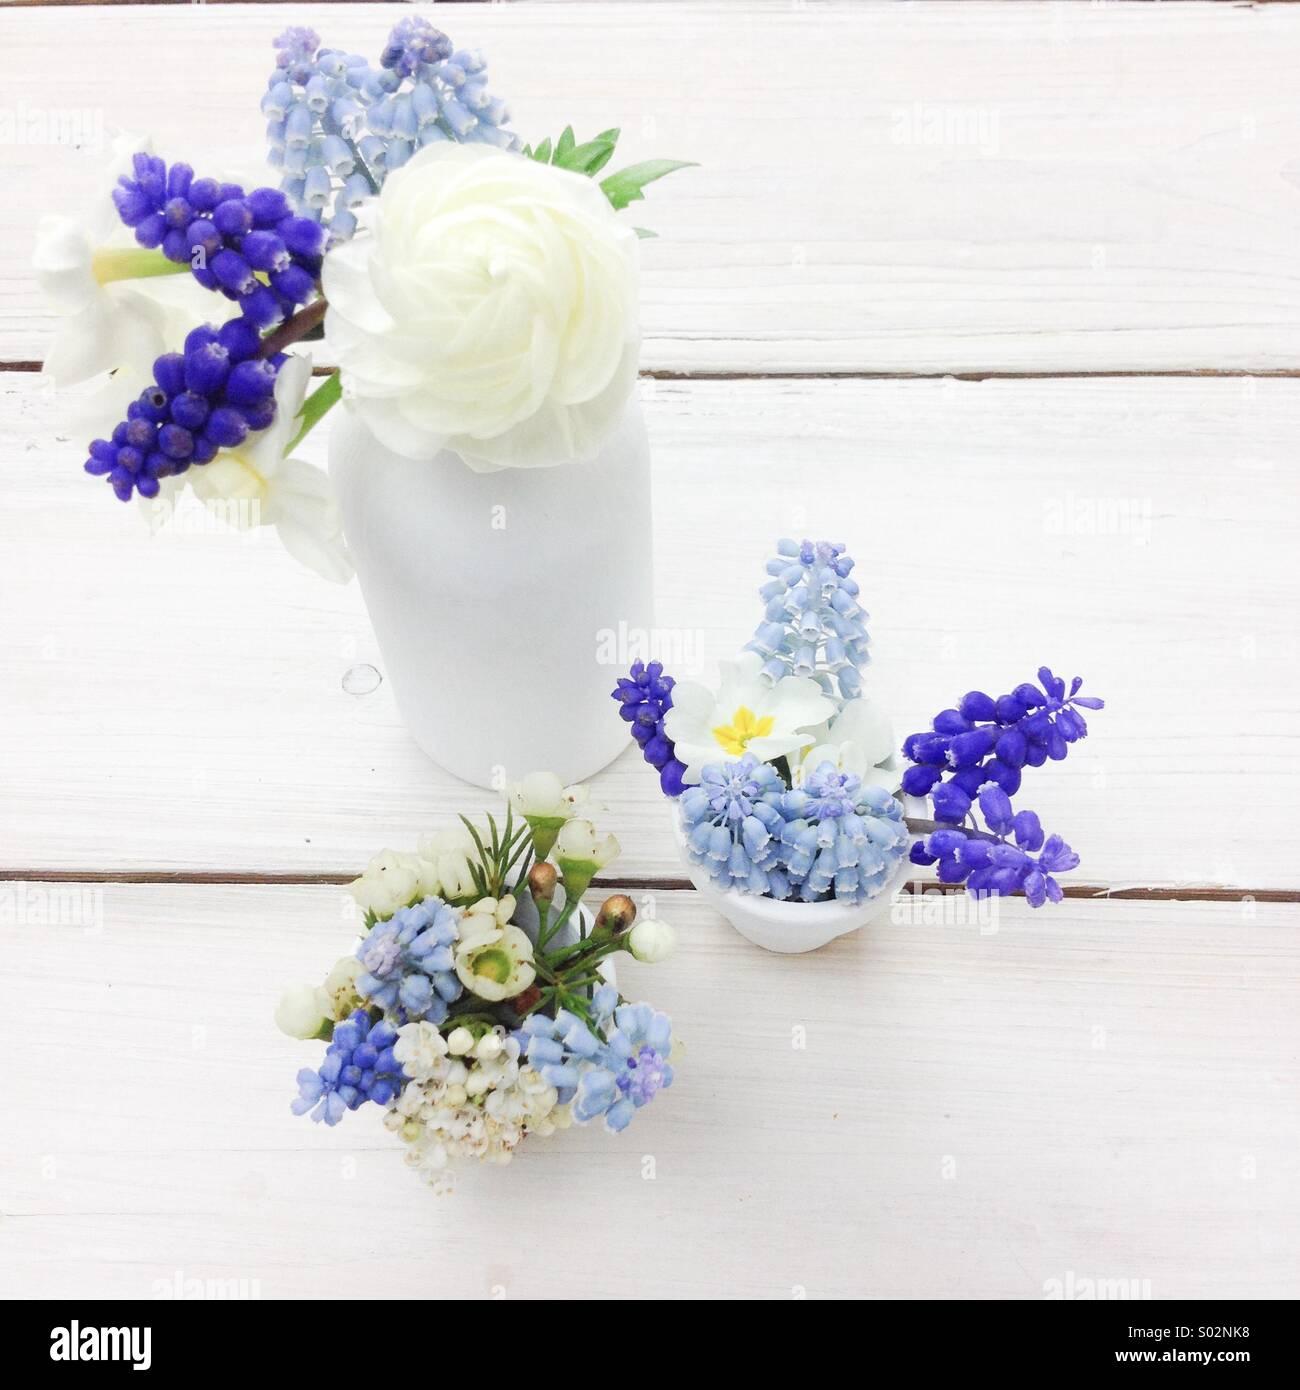 Tre blu e bianco posies molla in bianco latte bottiglie. Uva blu giacinti, narcisi, Ranunculus, fiori di cera. Immagini Stock